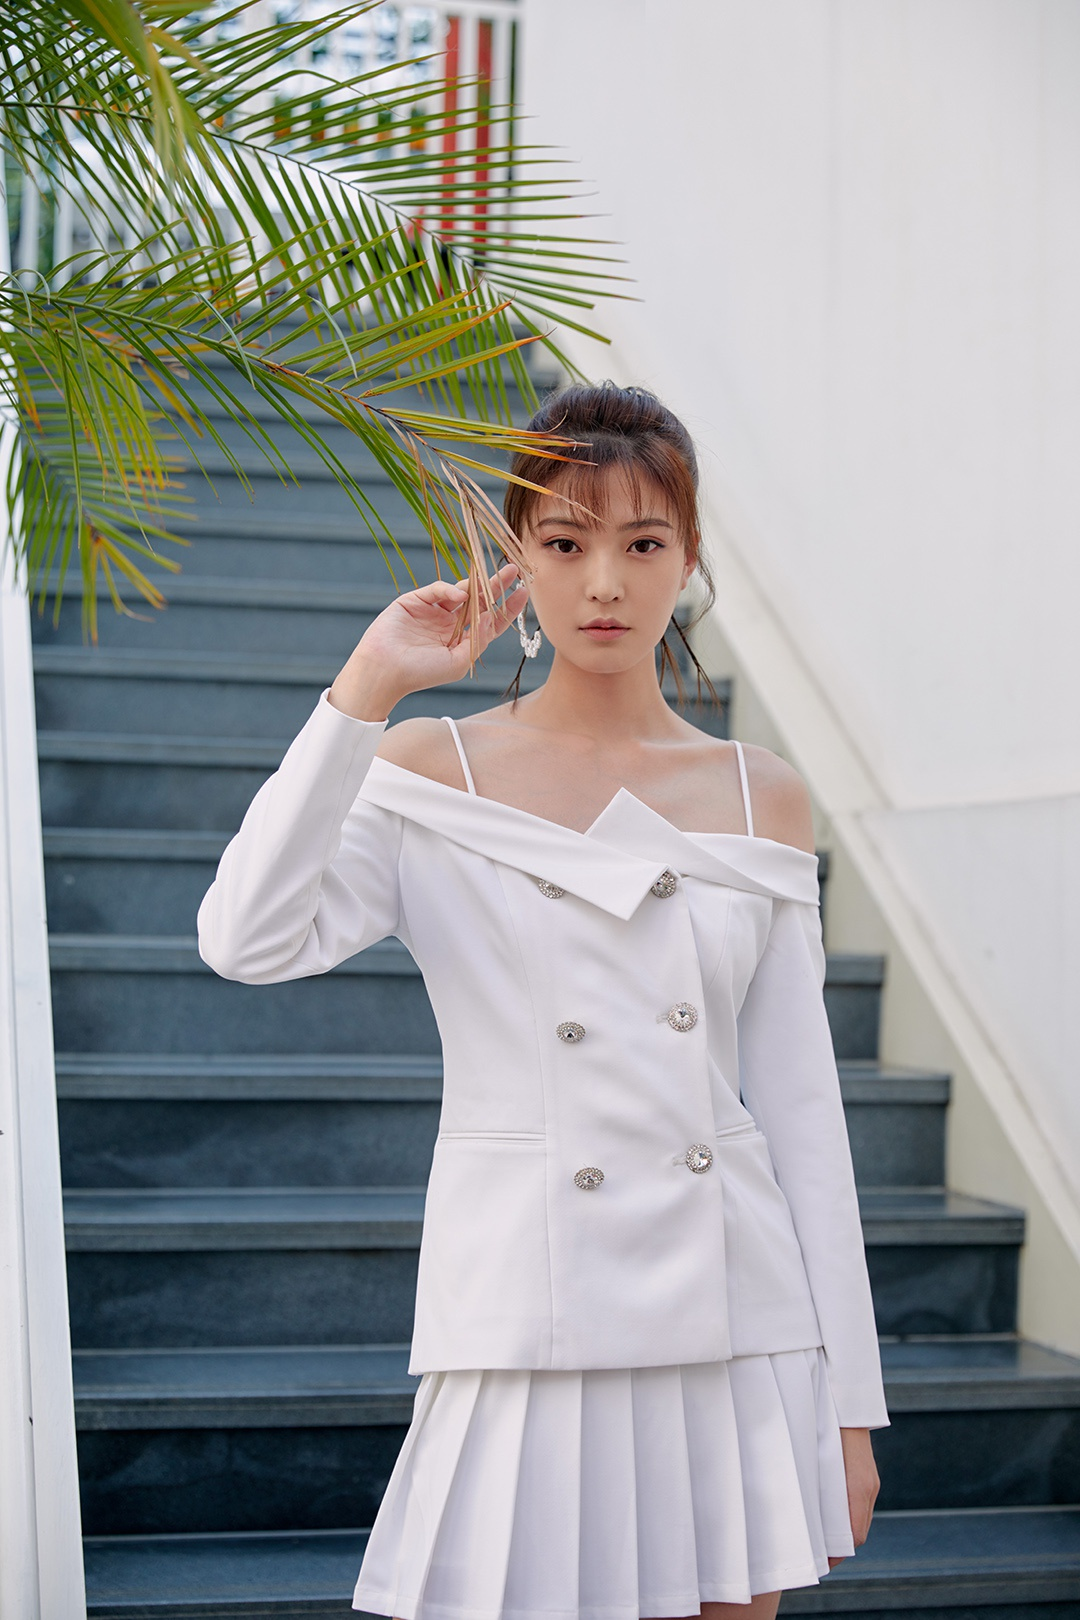 王妍之最新时尚写真曝光 秋日午后尽享自在时光